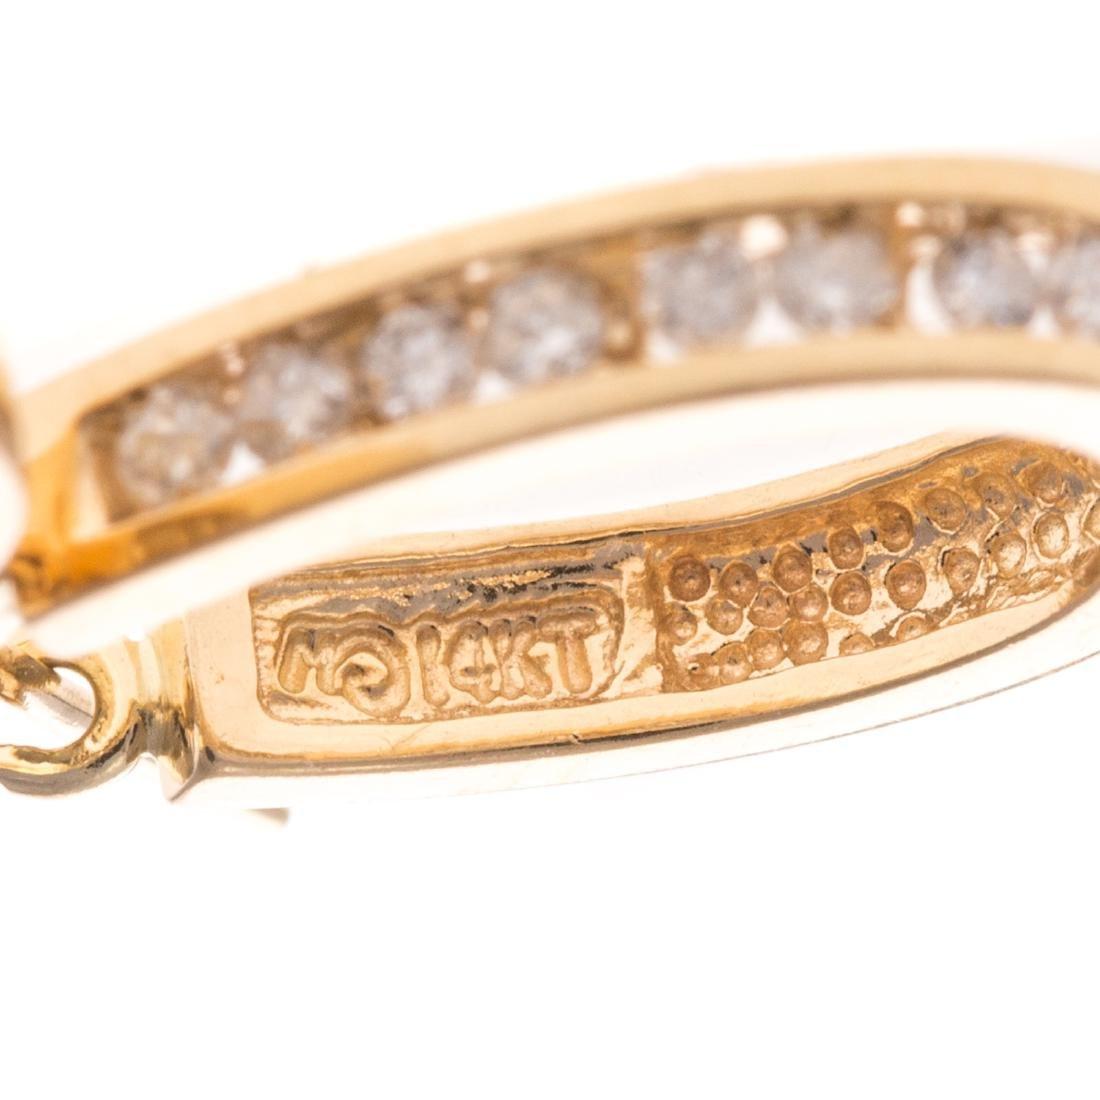 Two Pairs of Lady's 14K Hoop Earrings - 4